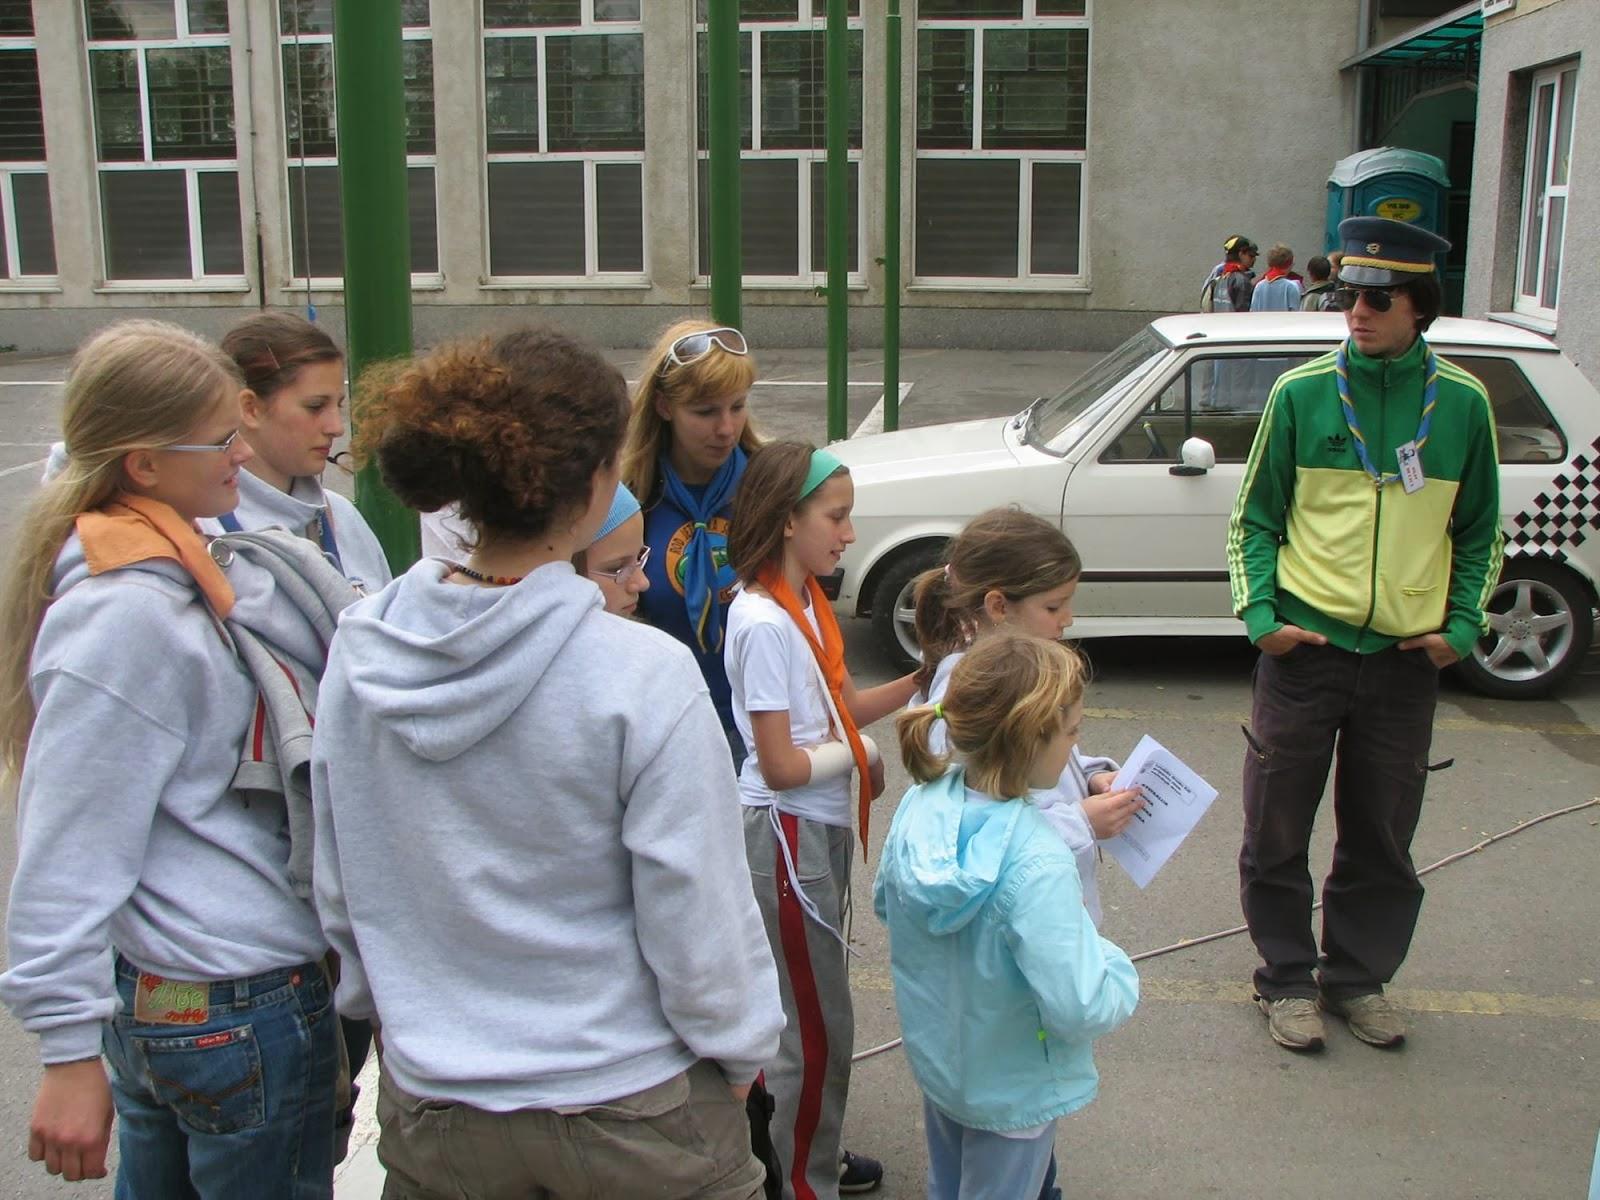 Področni mnogoboj MČ, Ilirska Bistrica 2006 - pics%2B114.jpg